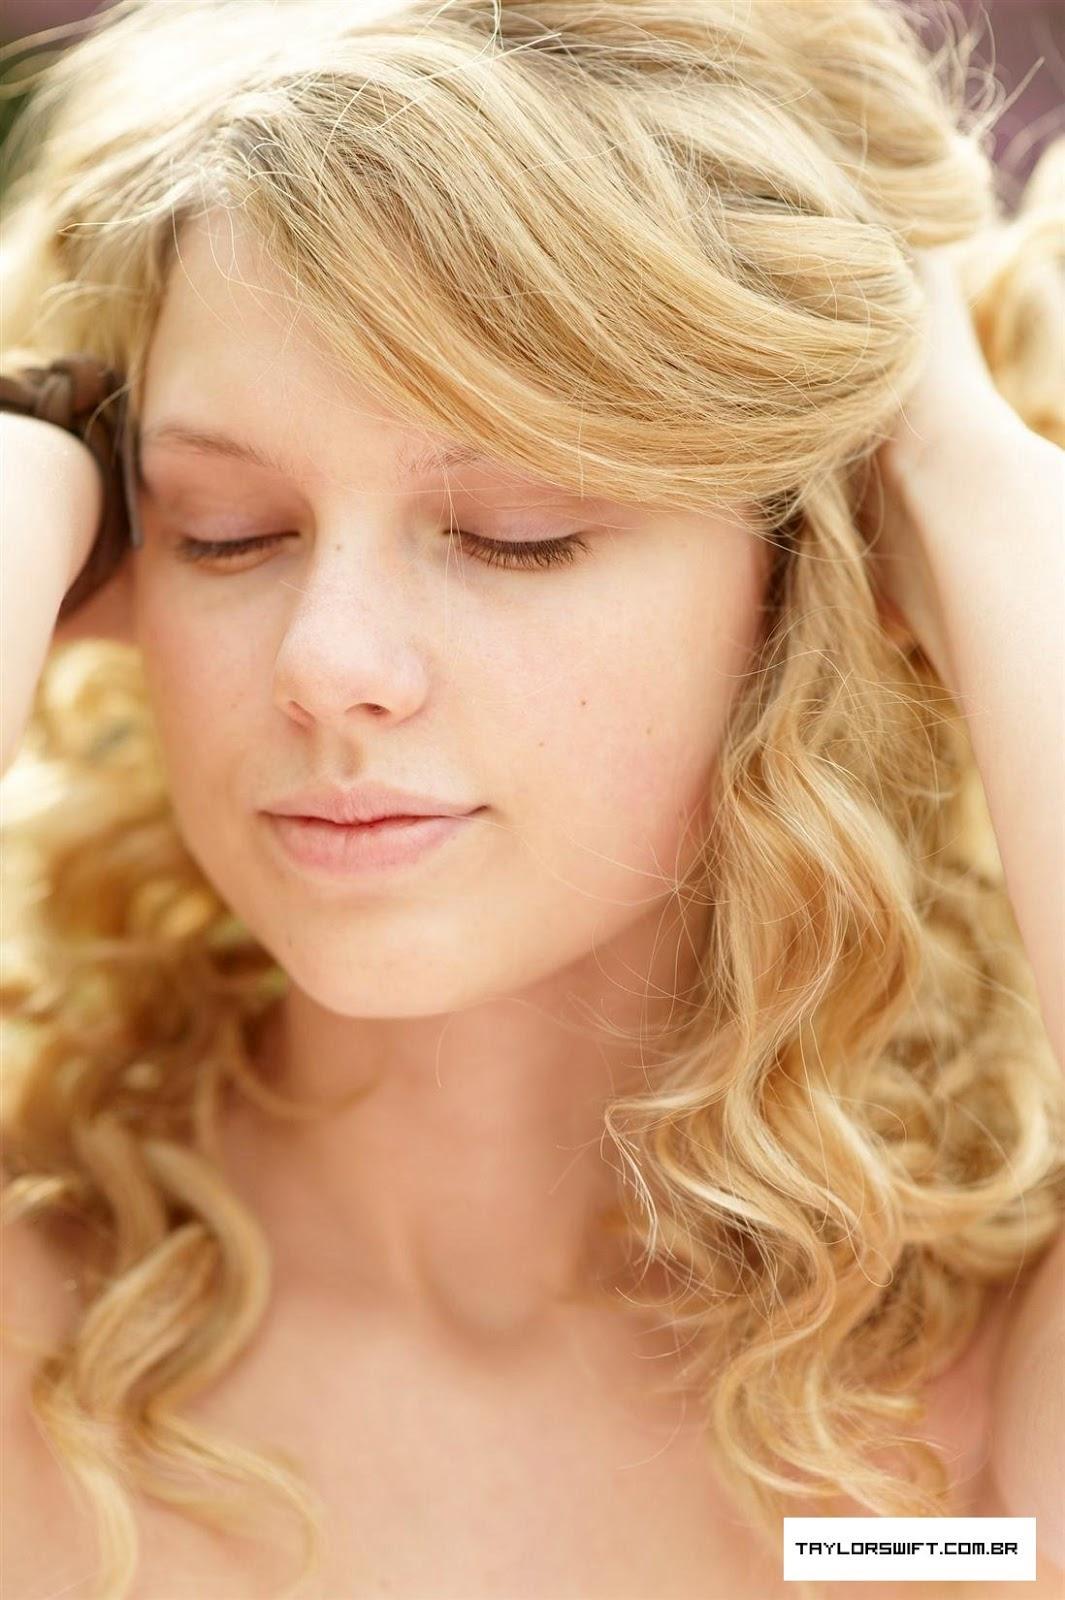 재미재미FunFun: Taylor Swift 생얼 사진모음